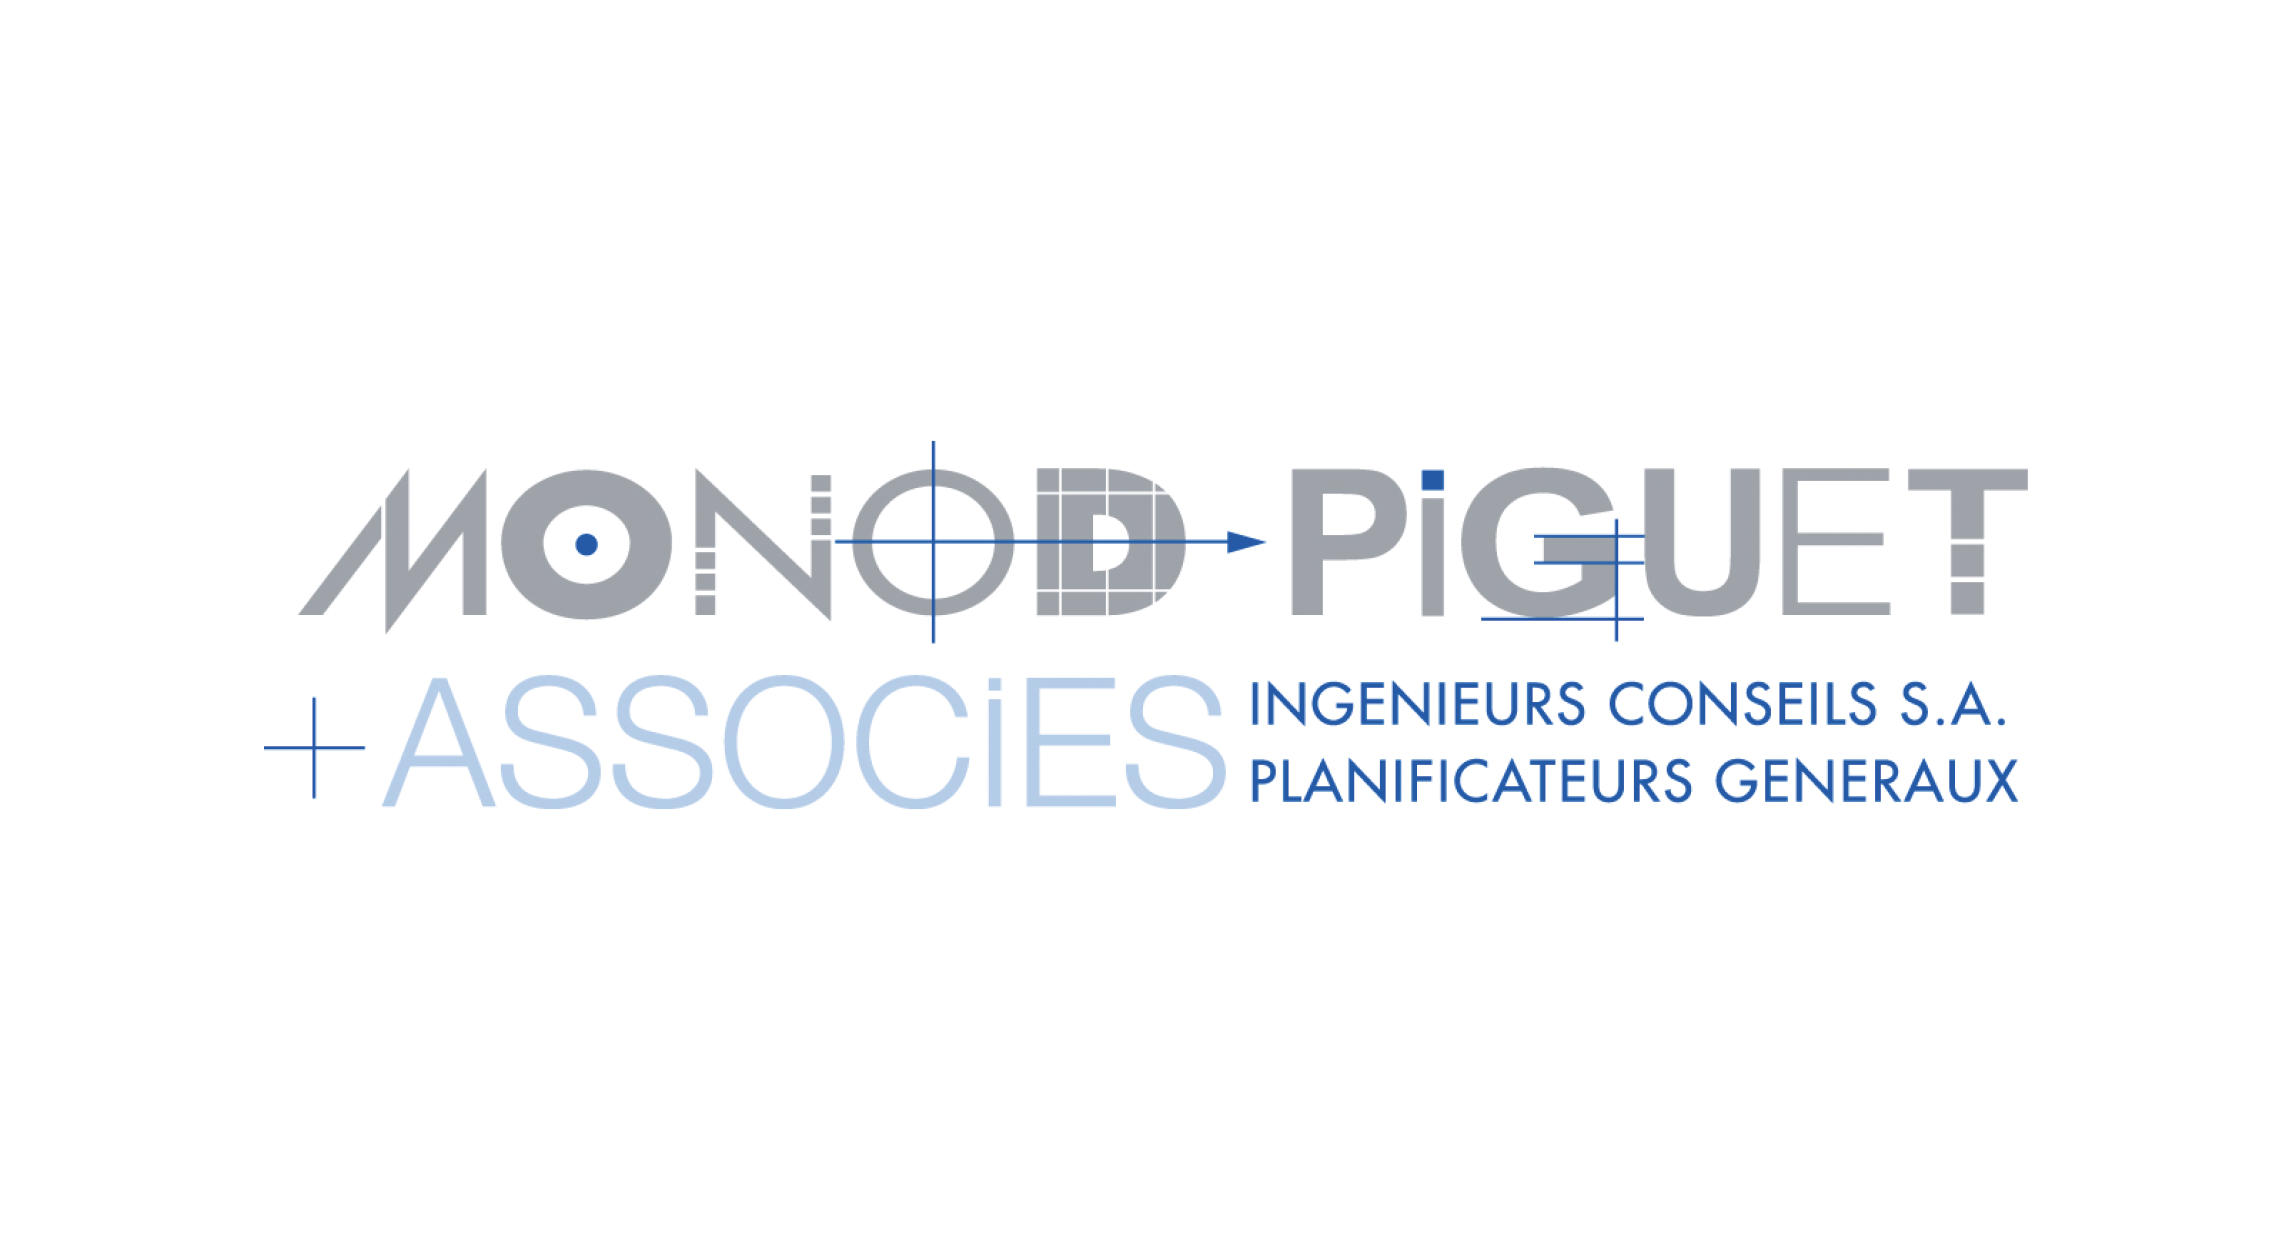 Monod Piguet